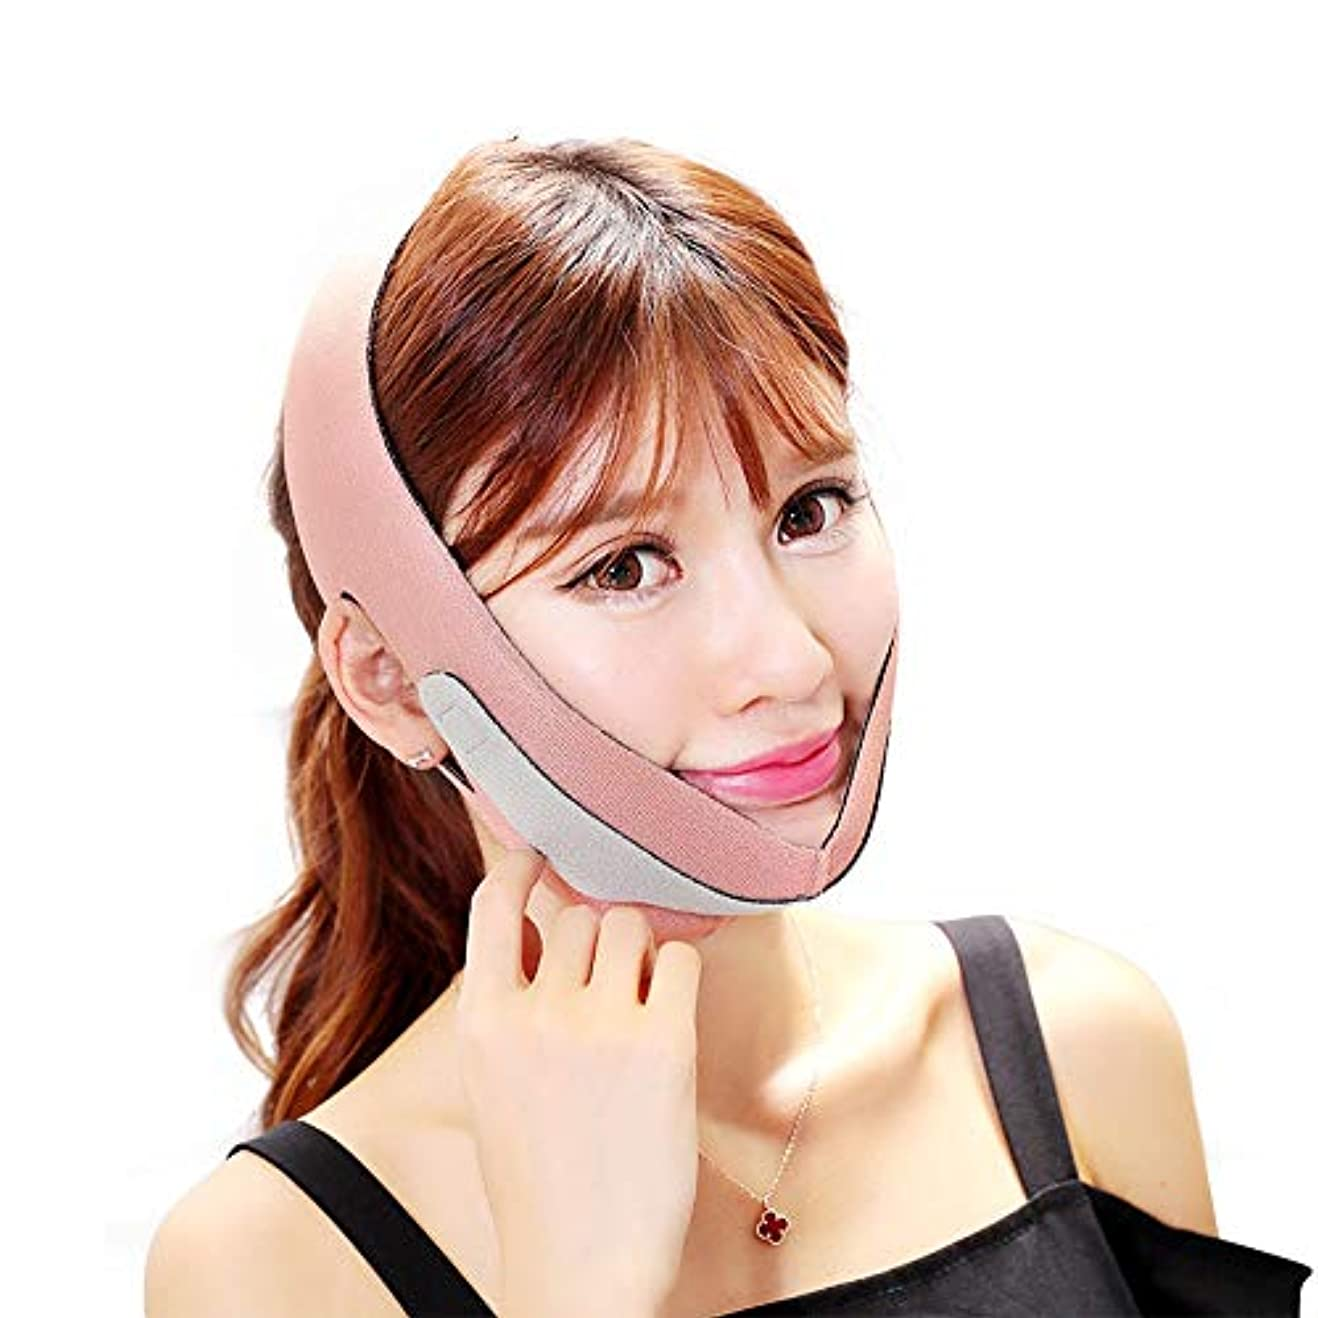 床を掃除する悪意確認してください【Maveni】小顔 ベルト 美顔 顔痩せ 最新型 リフトアップベルト フェイスマスク メンズ レディース